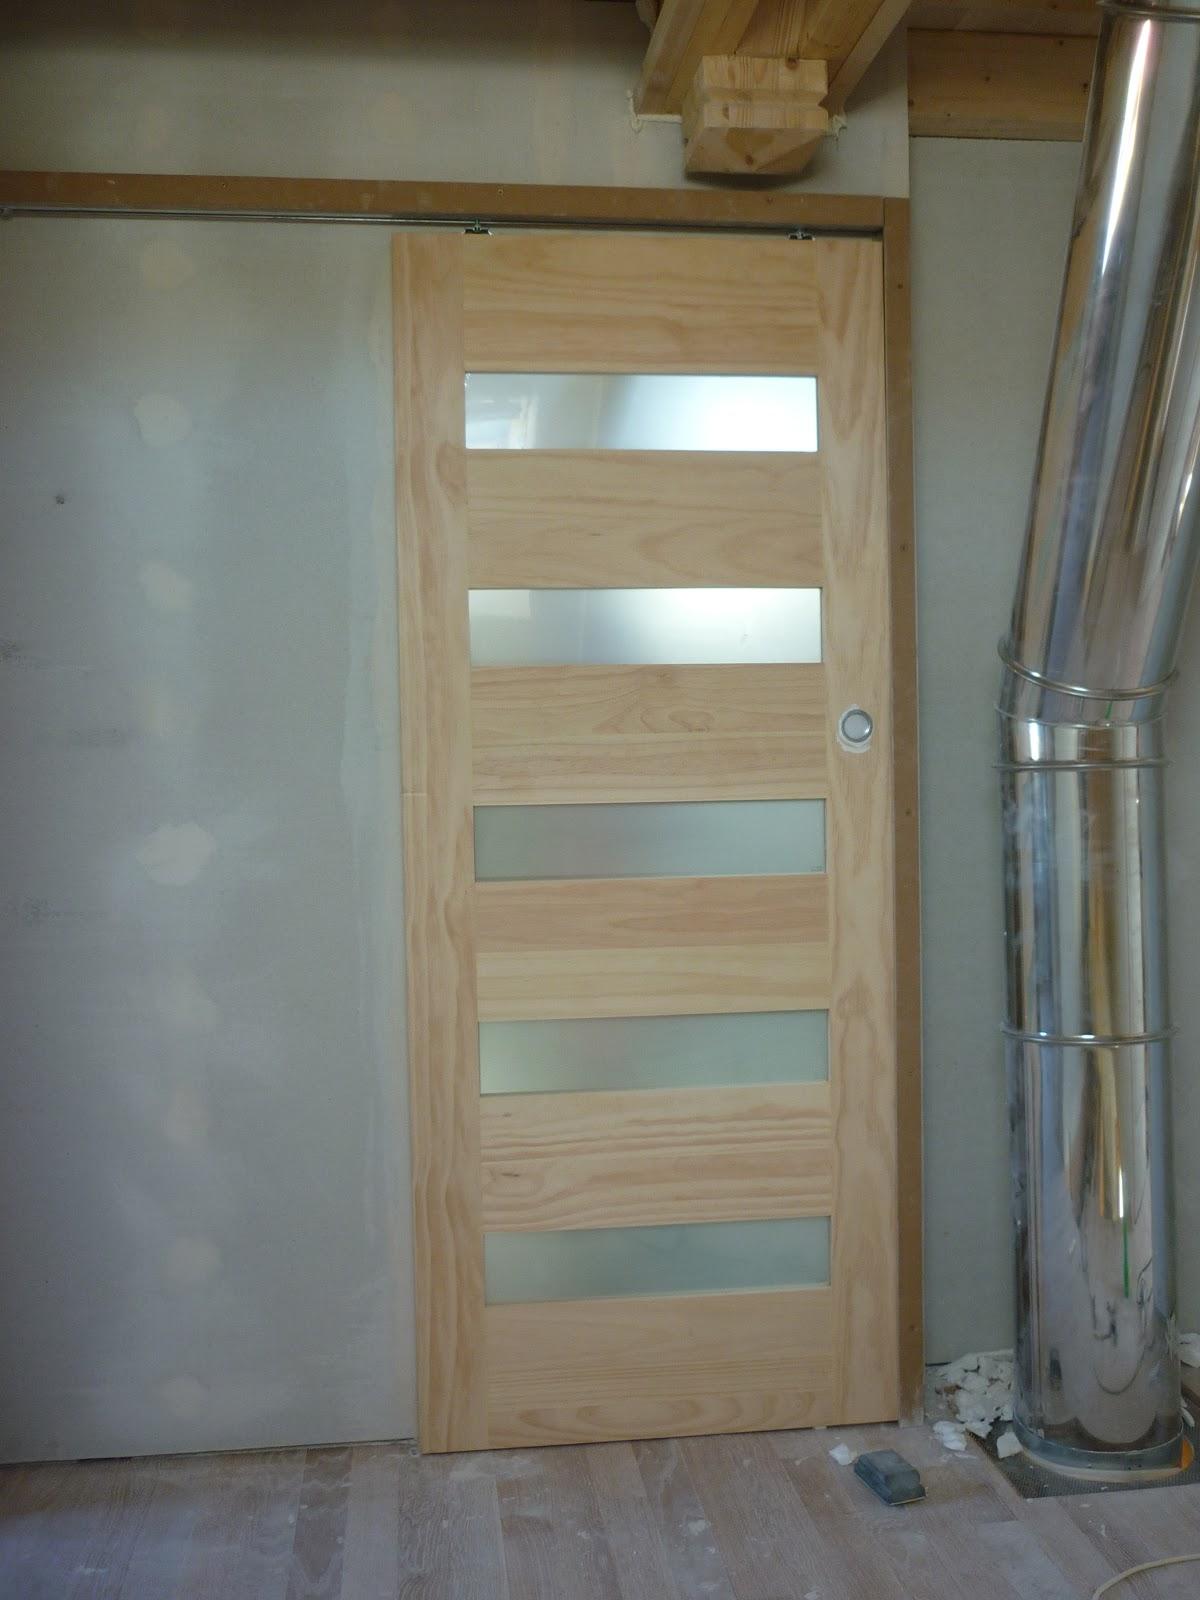 Construction de notre maison agnos salle de bain 1 for Porte coulissante encastrable salle de bain